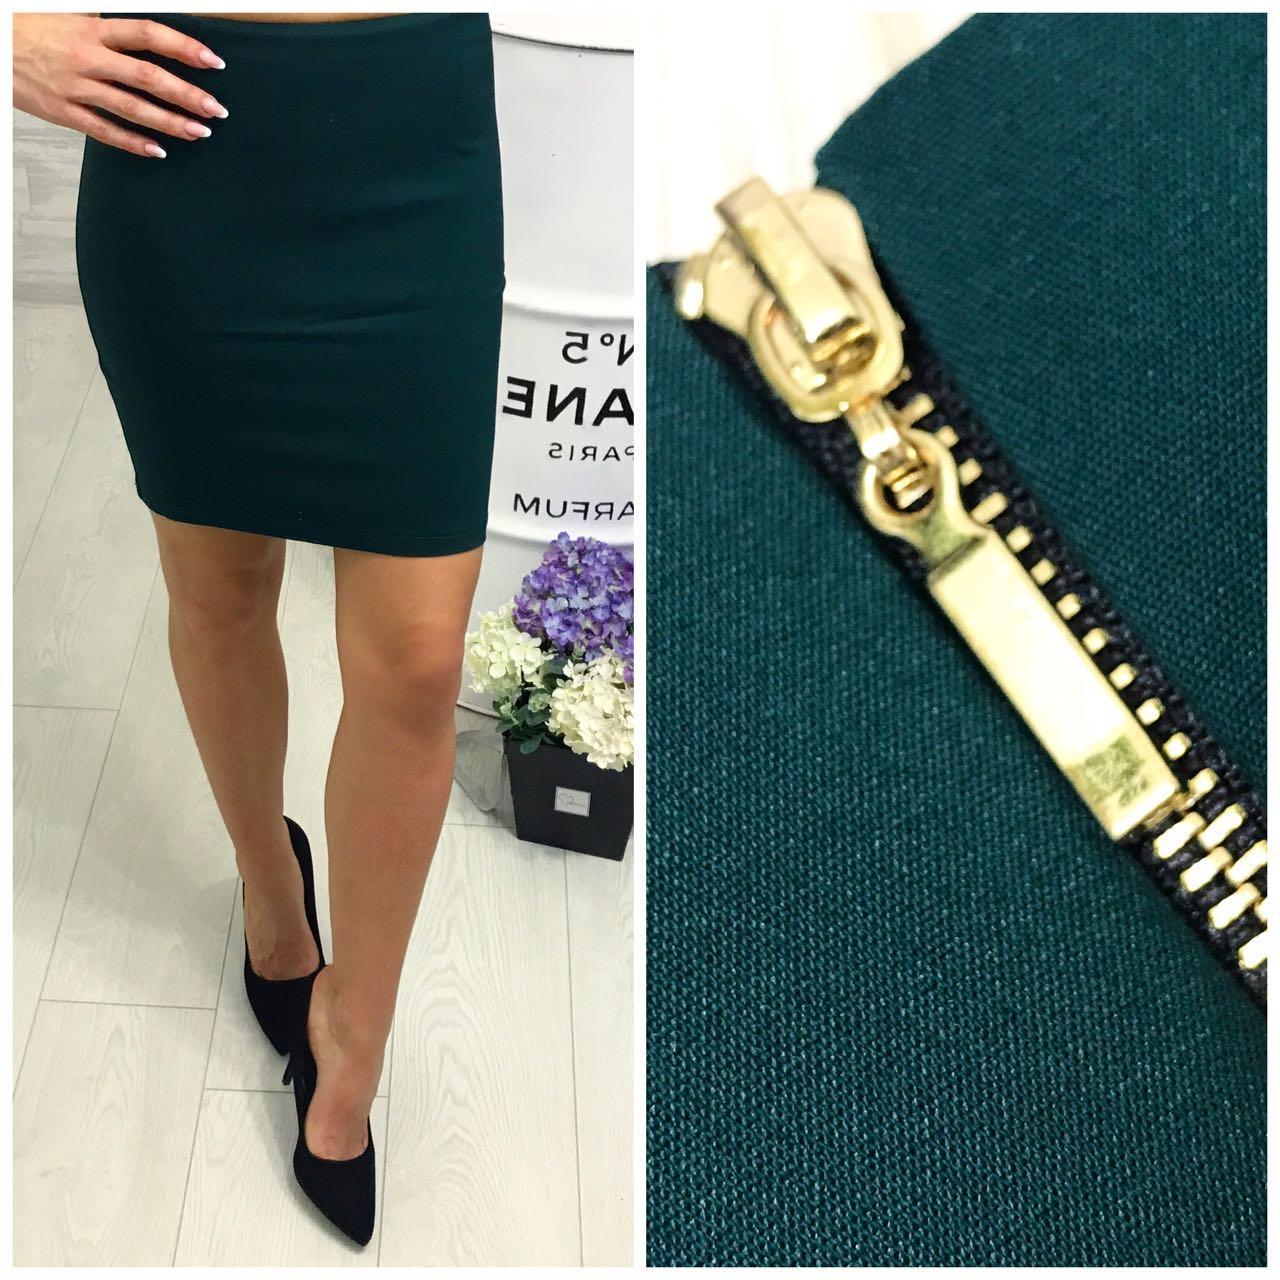 66443fc3535 Юбка карандаш мини - Immagine - стильная женская одежда из Турции в Одессе